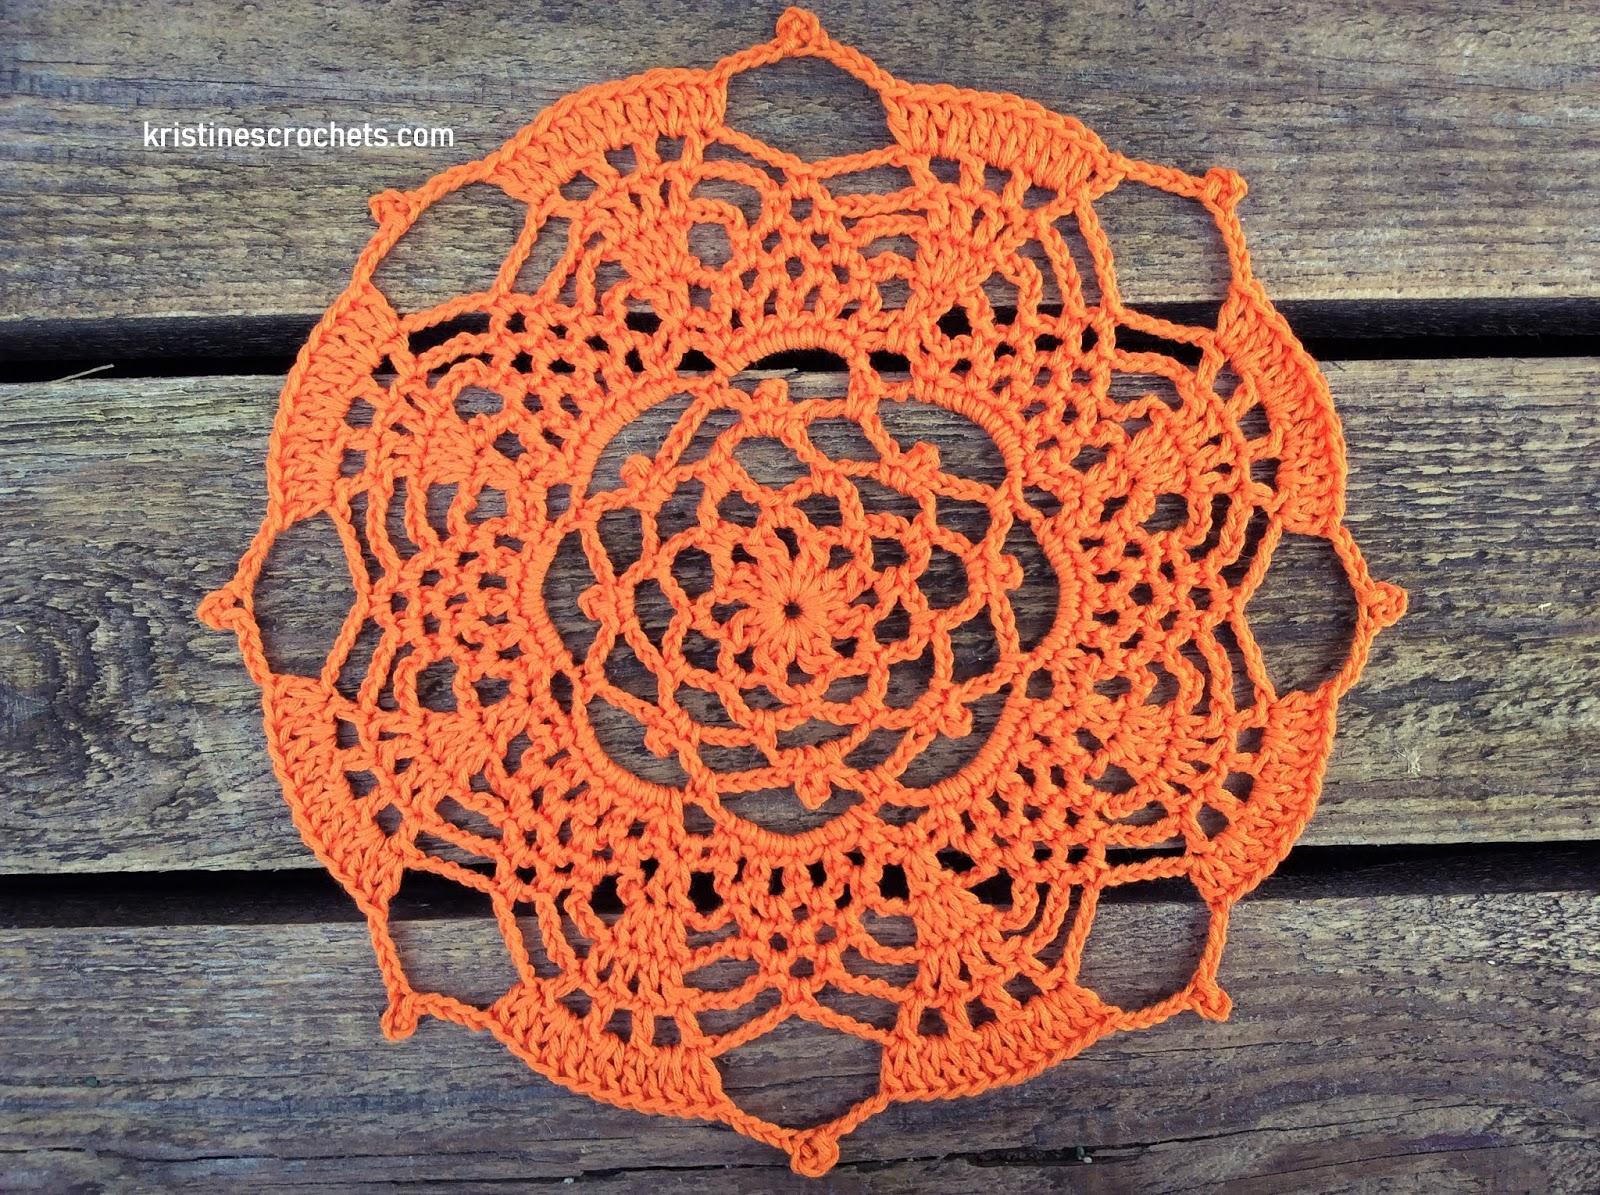 Kristinescrochets Pineapple Doily Free Crochet Pattern